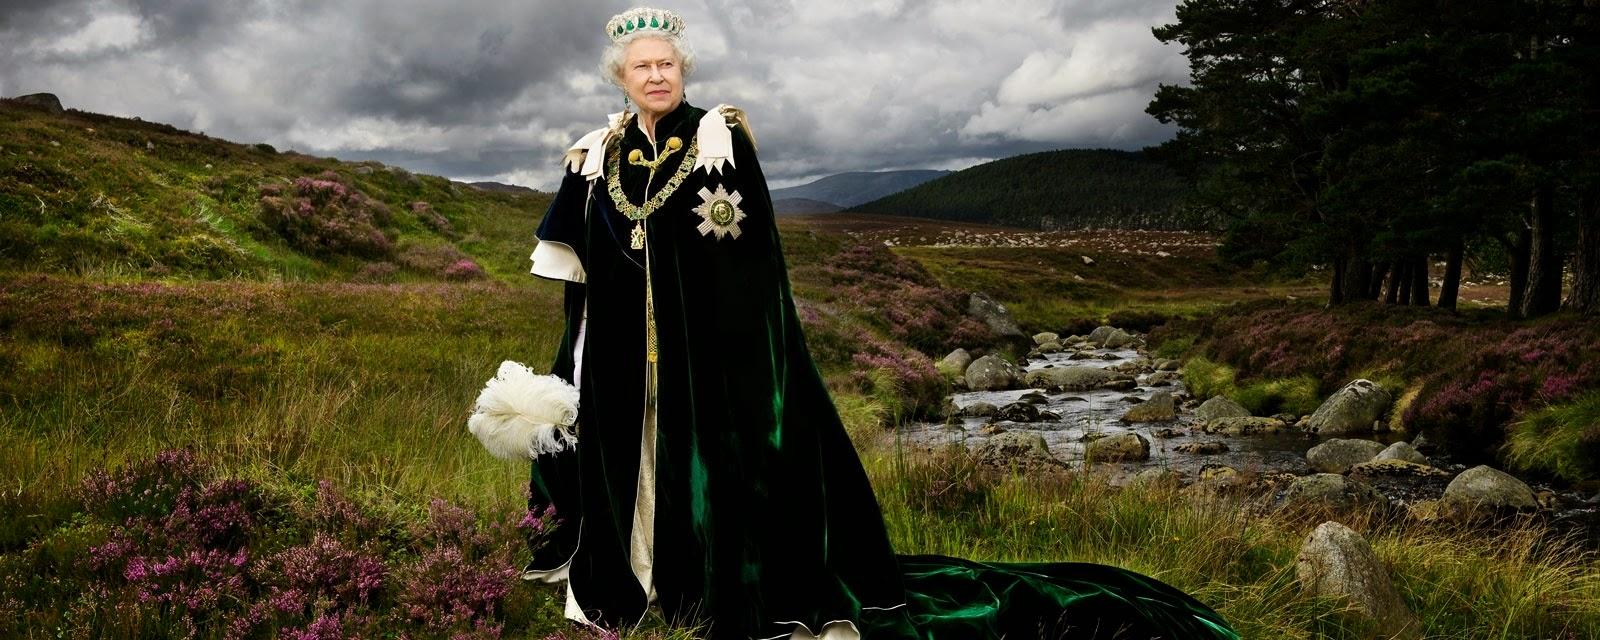 Retrato de la reina hecho por el fotógrafo Julian Calder. Elizabeth II lleva puesta la investidura de la Orden del Cardo, cuyo nombre rinde honor a la flor nacional de Escocia.